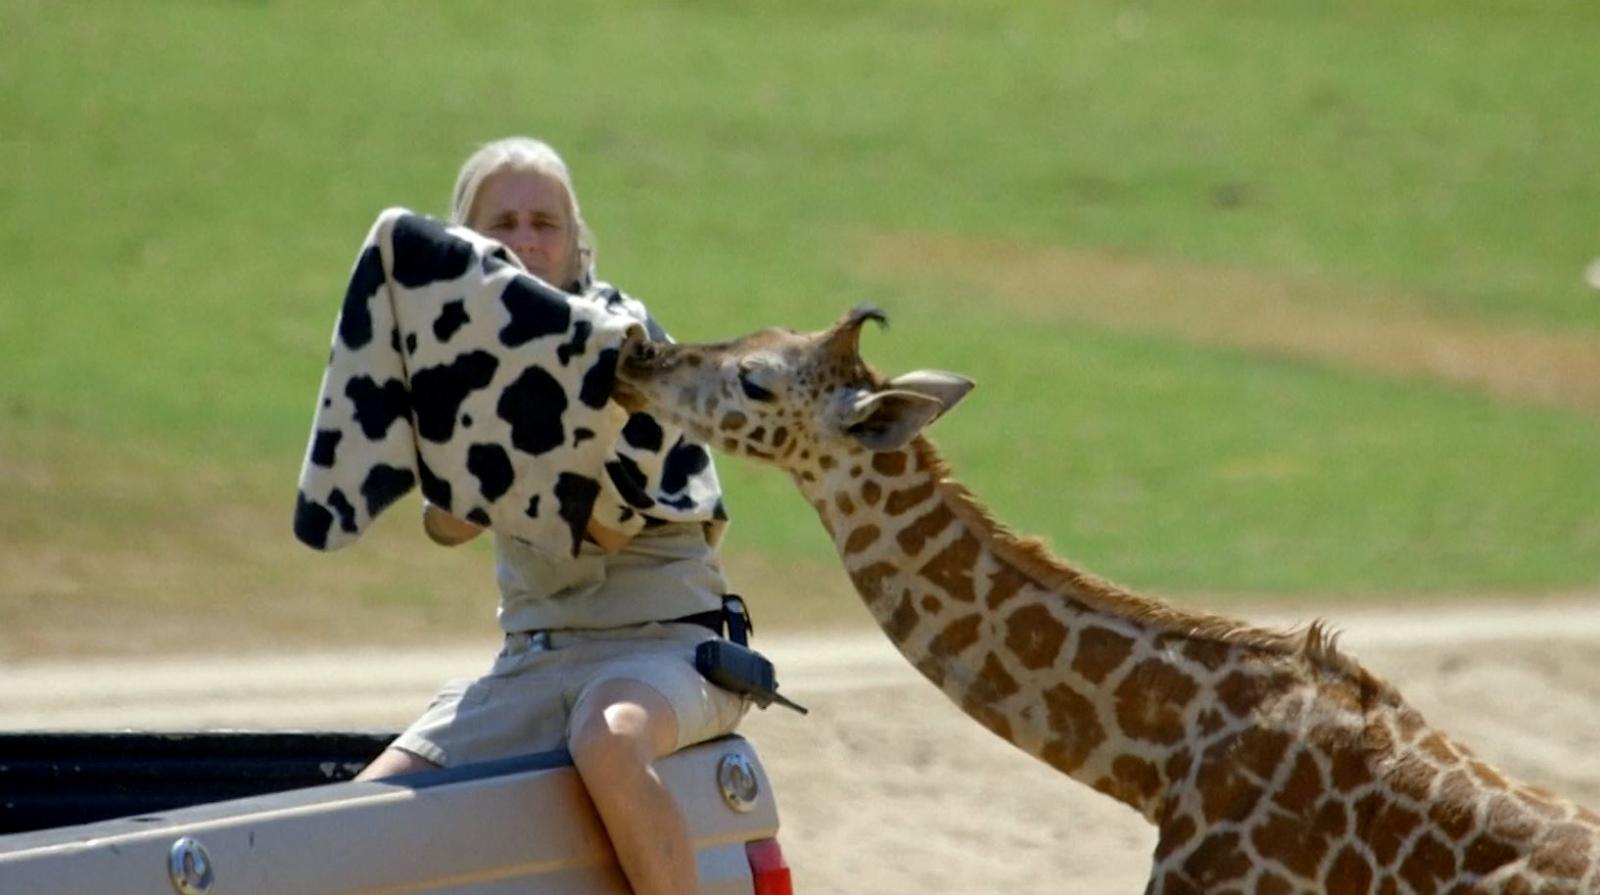 Bottle-fed baby giraffe